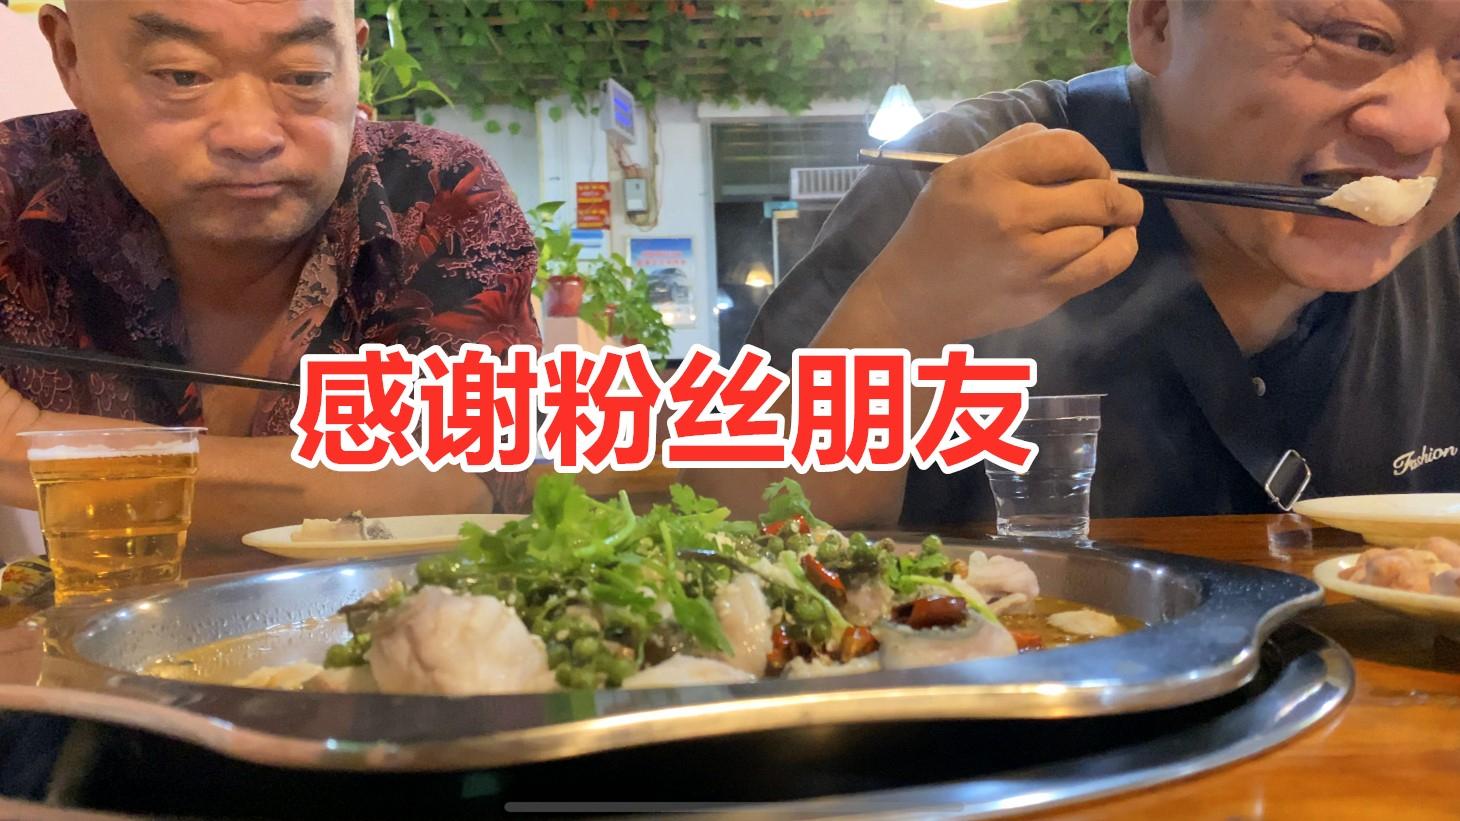 胖龙花150带老爸吃酸菜鱼,鱼肉Q弹无刺,爷俩吃的真过瘾